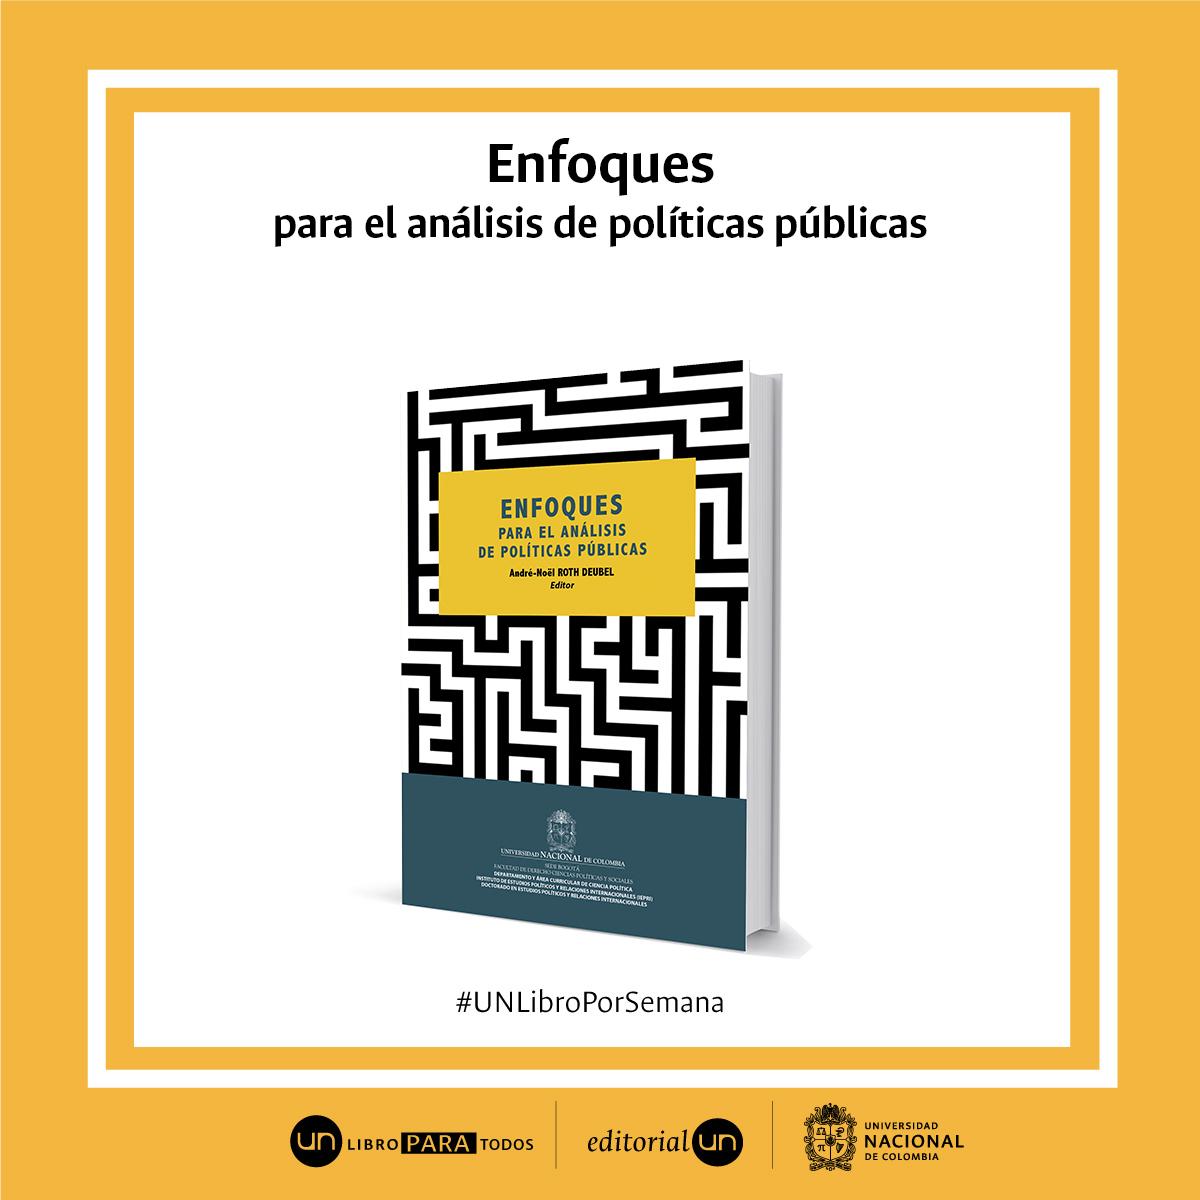 #UNlibroporsemana 'Enfoques para el análisis de políticas públicas'